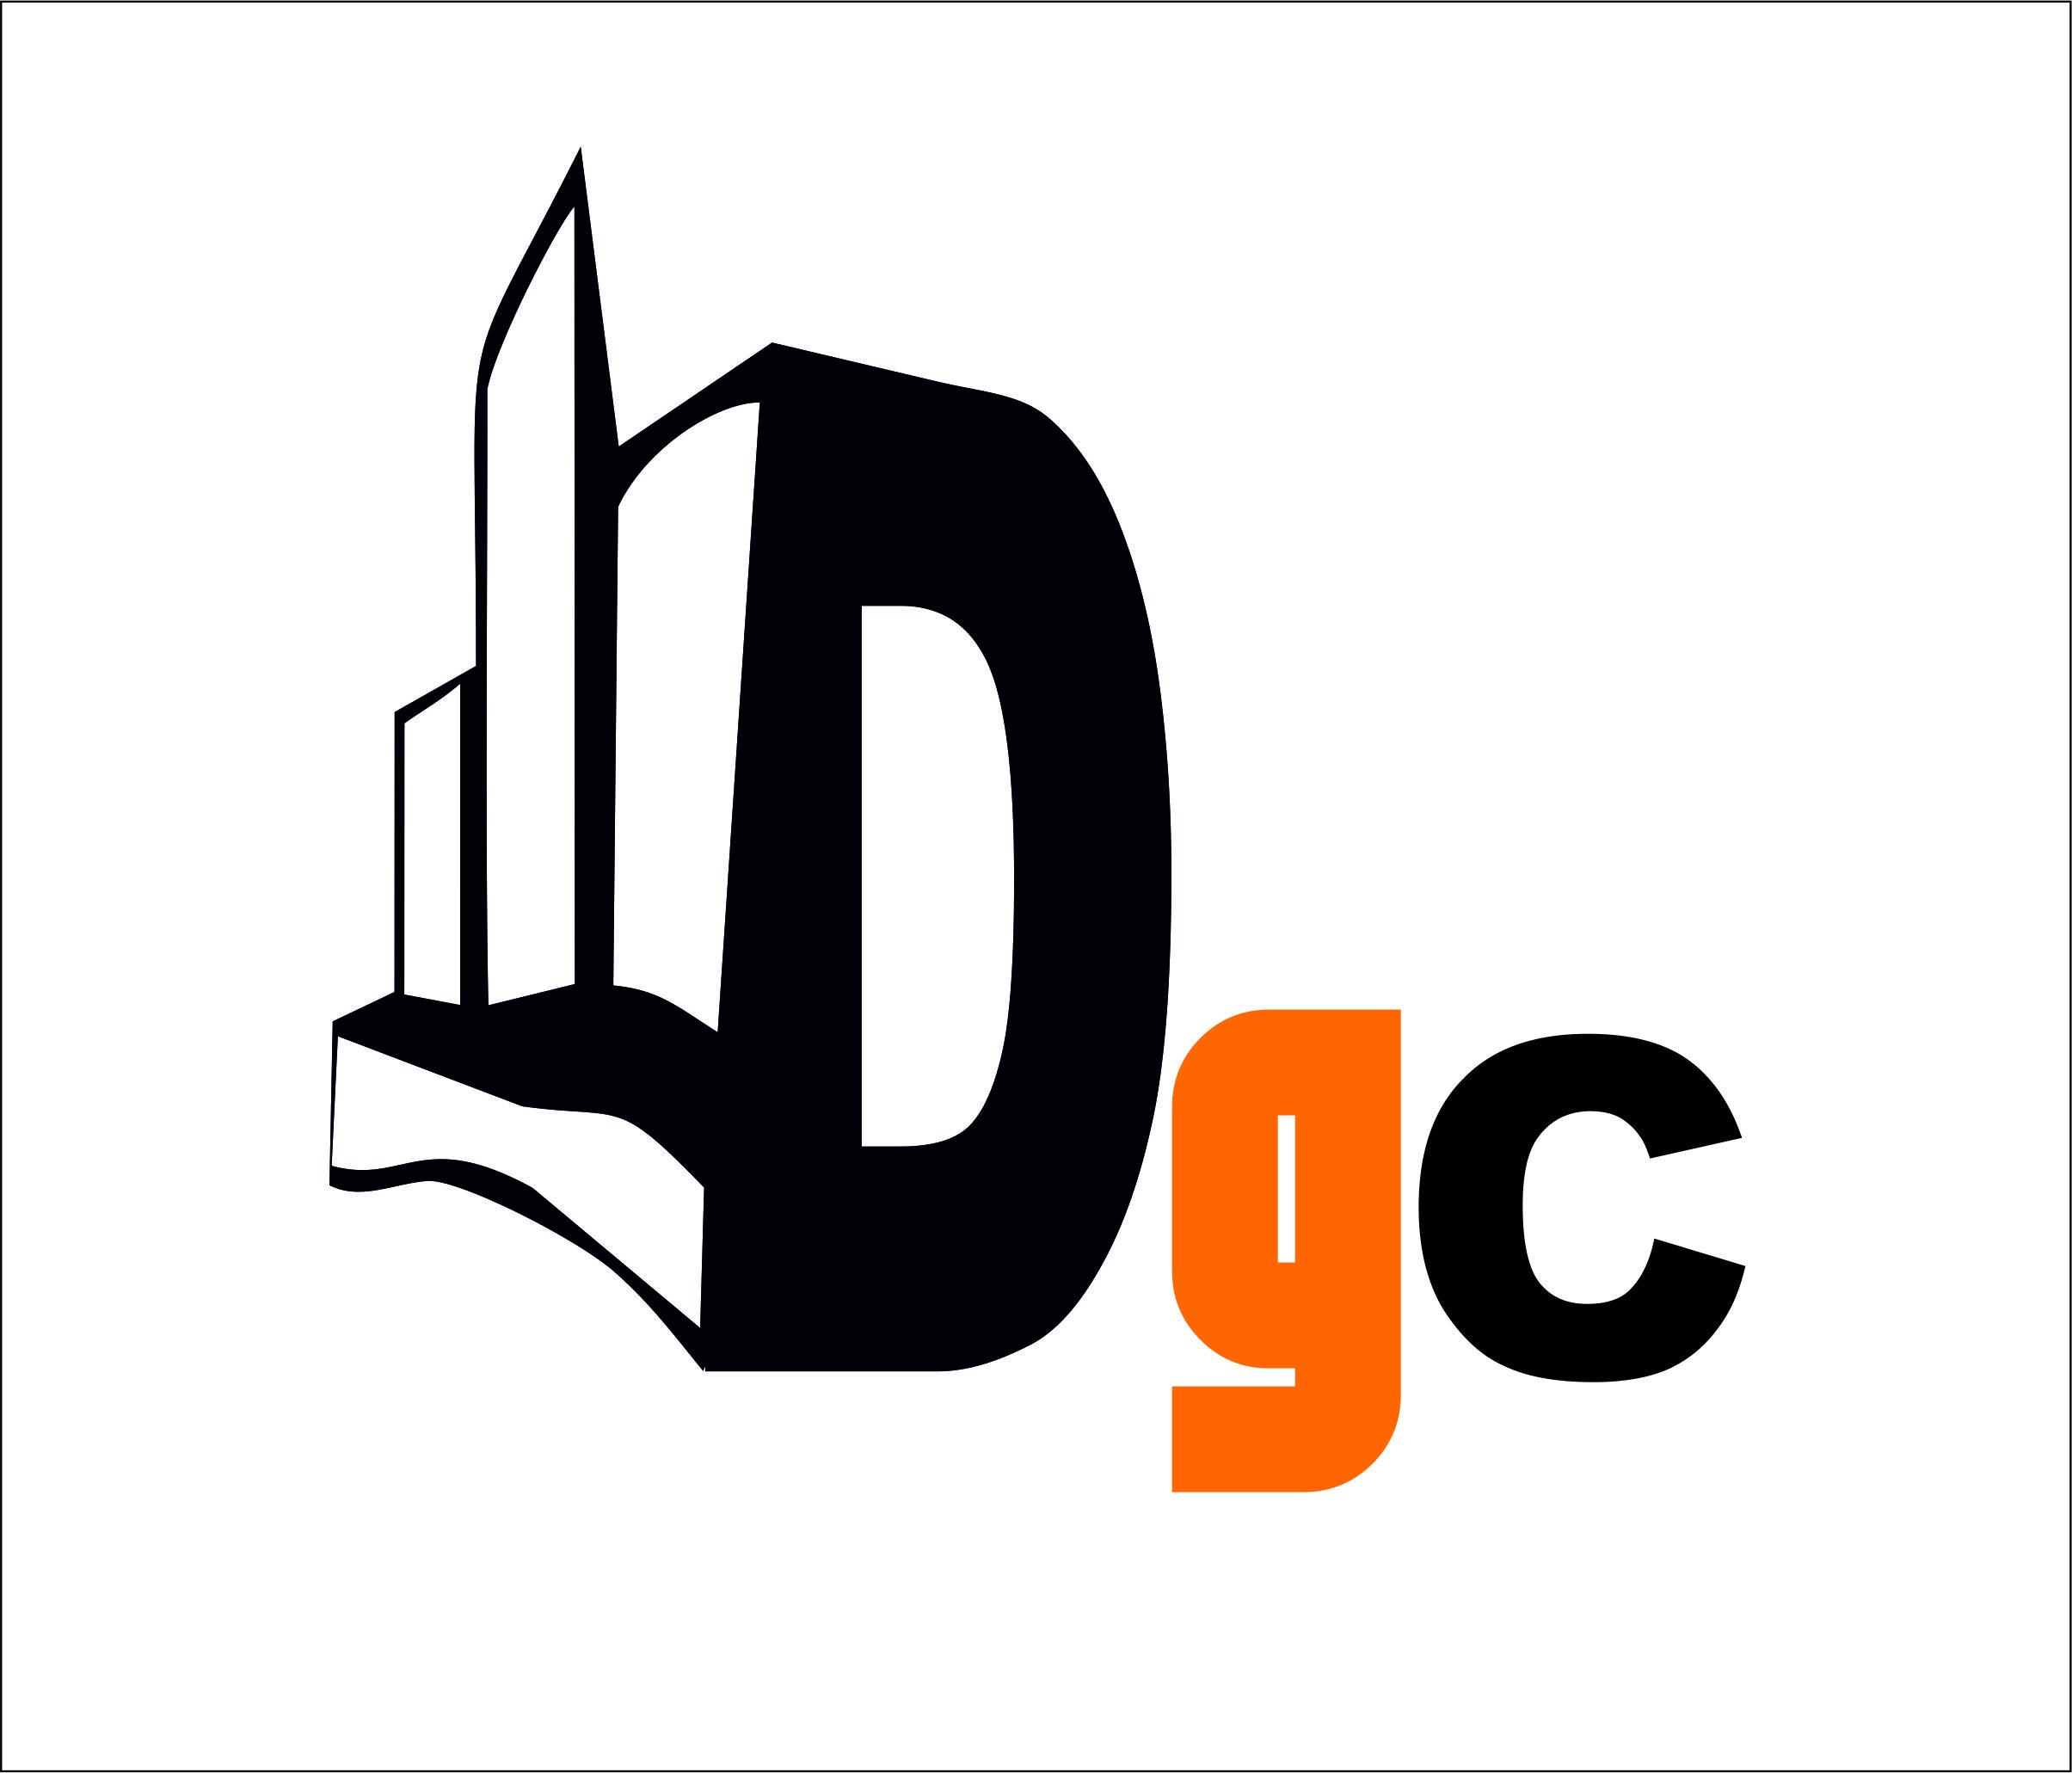 Construcciones Y Rehabilitaciones Dgc S.l.